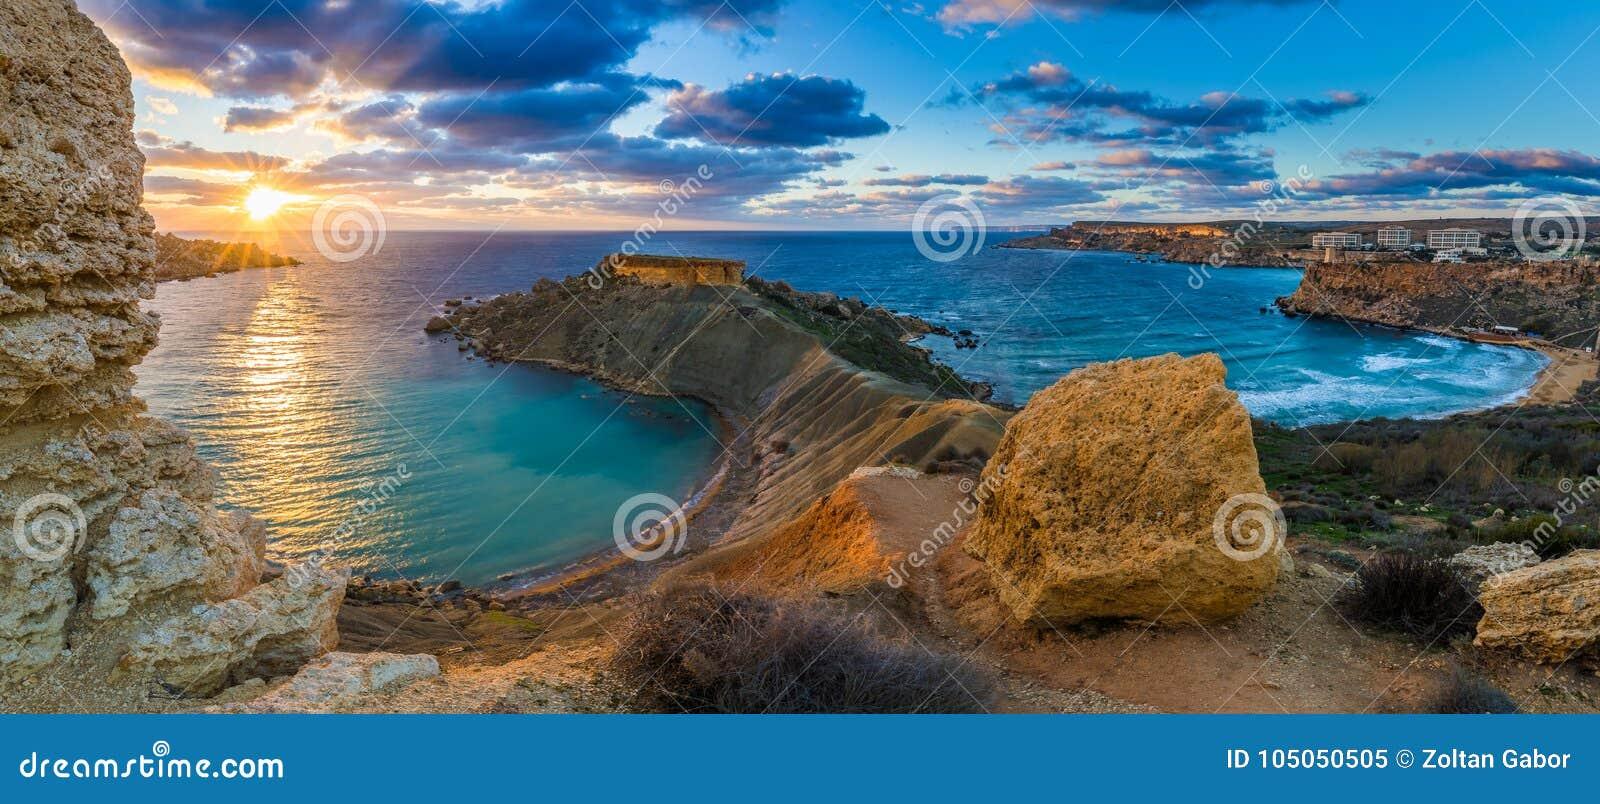 Mgarr, Malta - panorama de la bahía y de la bahía de oro, las dos playas más hermosas de Gnejna de Malta